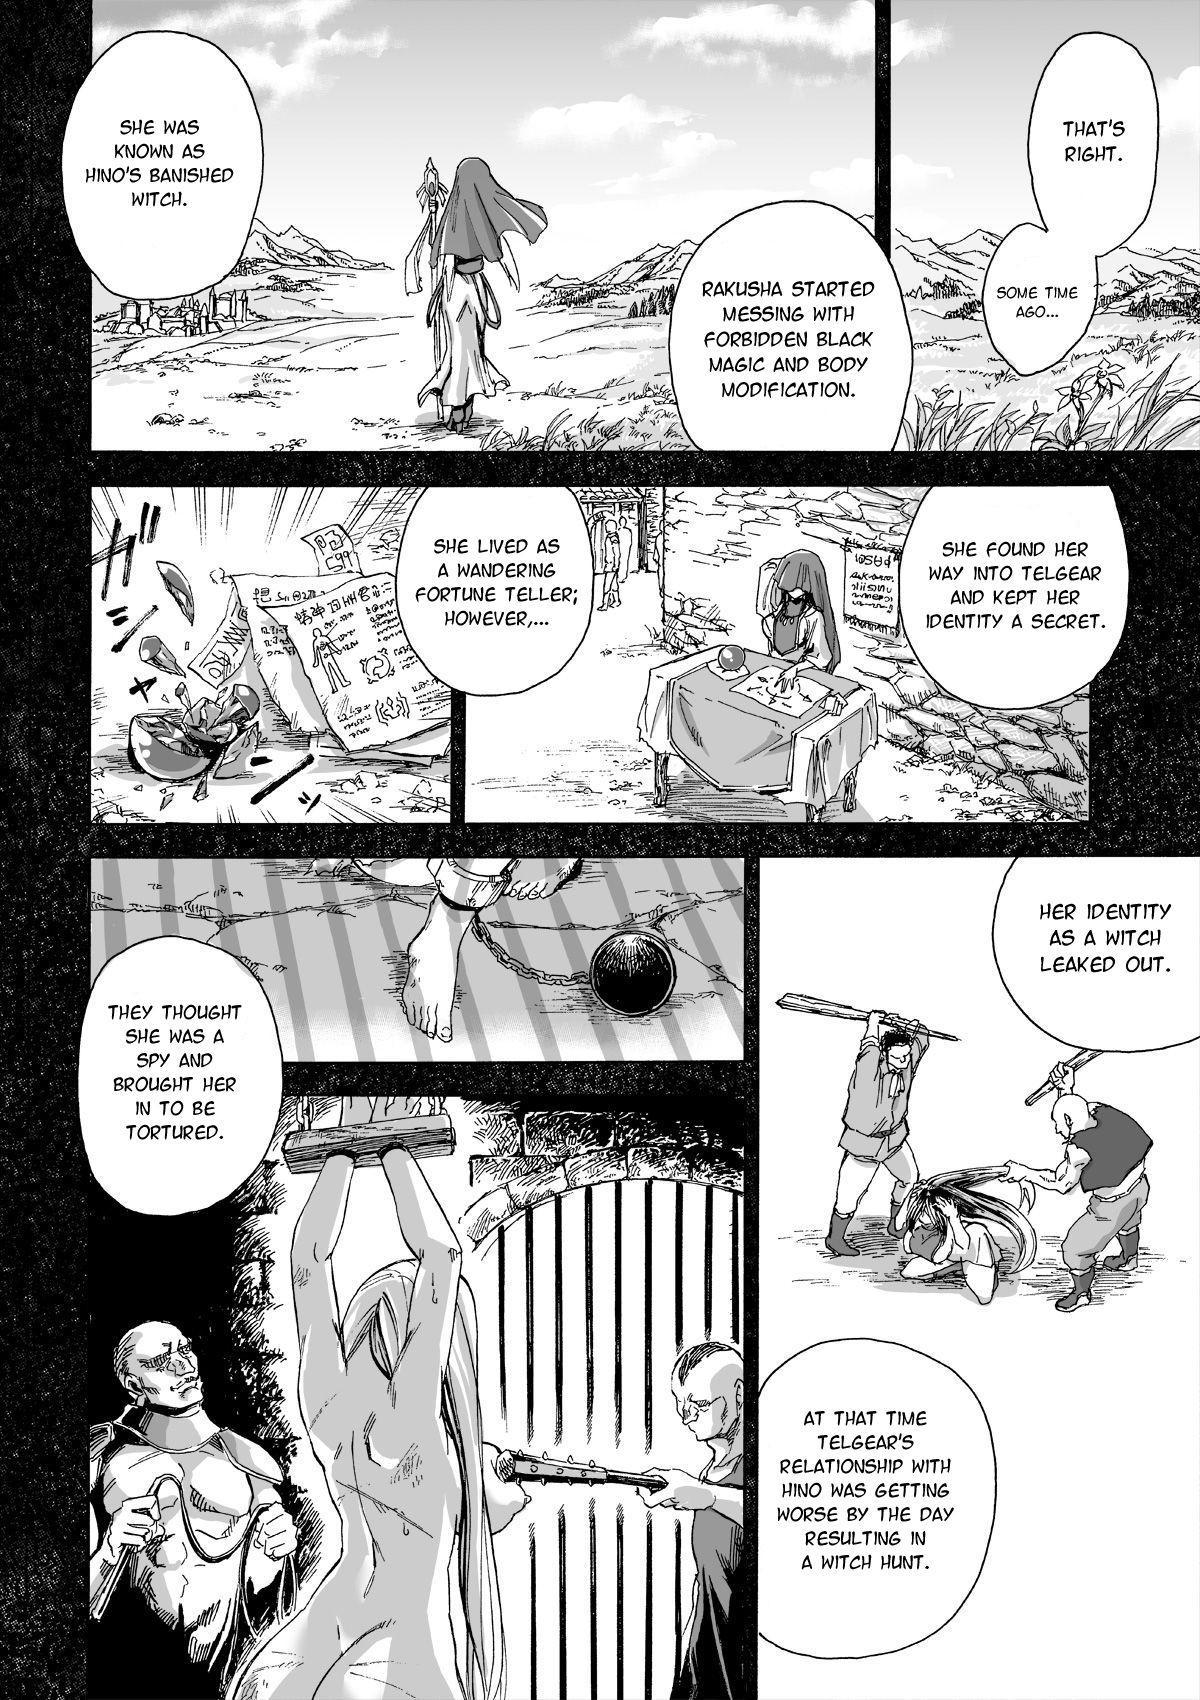 [Ido no Soko (Kei-kun)] Majo no Rakujitsu 2 -Kagyaku- | Witch's Final Hour 2 -Cruel Torture- [English] [Moko_T] 16